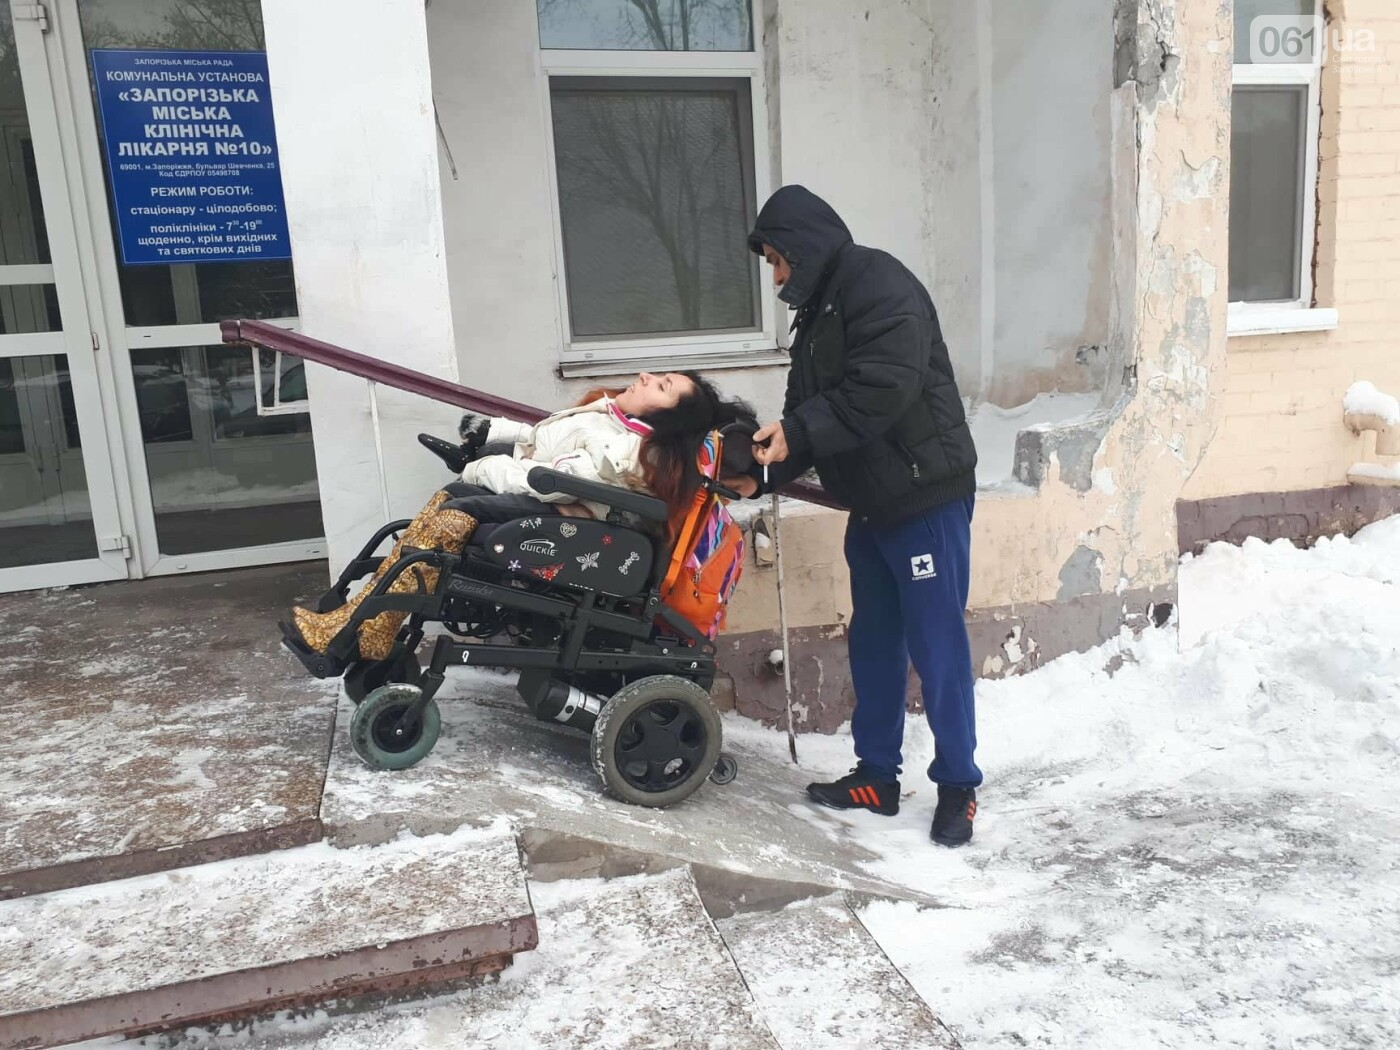 """Марианна с инвалидностью, которую не взяли на TV: """"Лет до 14 мне вообще было пофиг, что я не хожу"""", фото-20"""